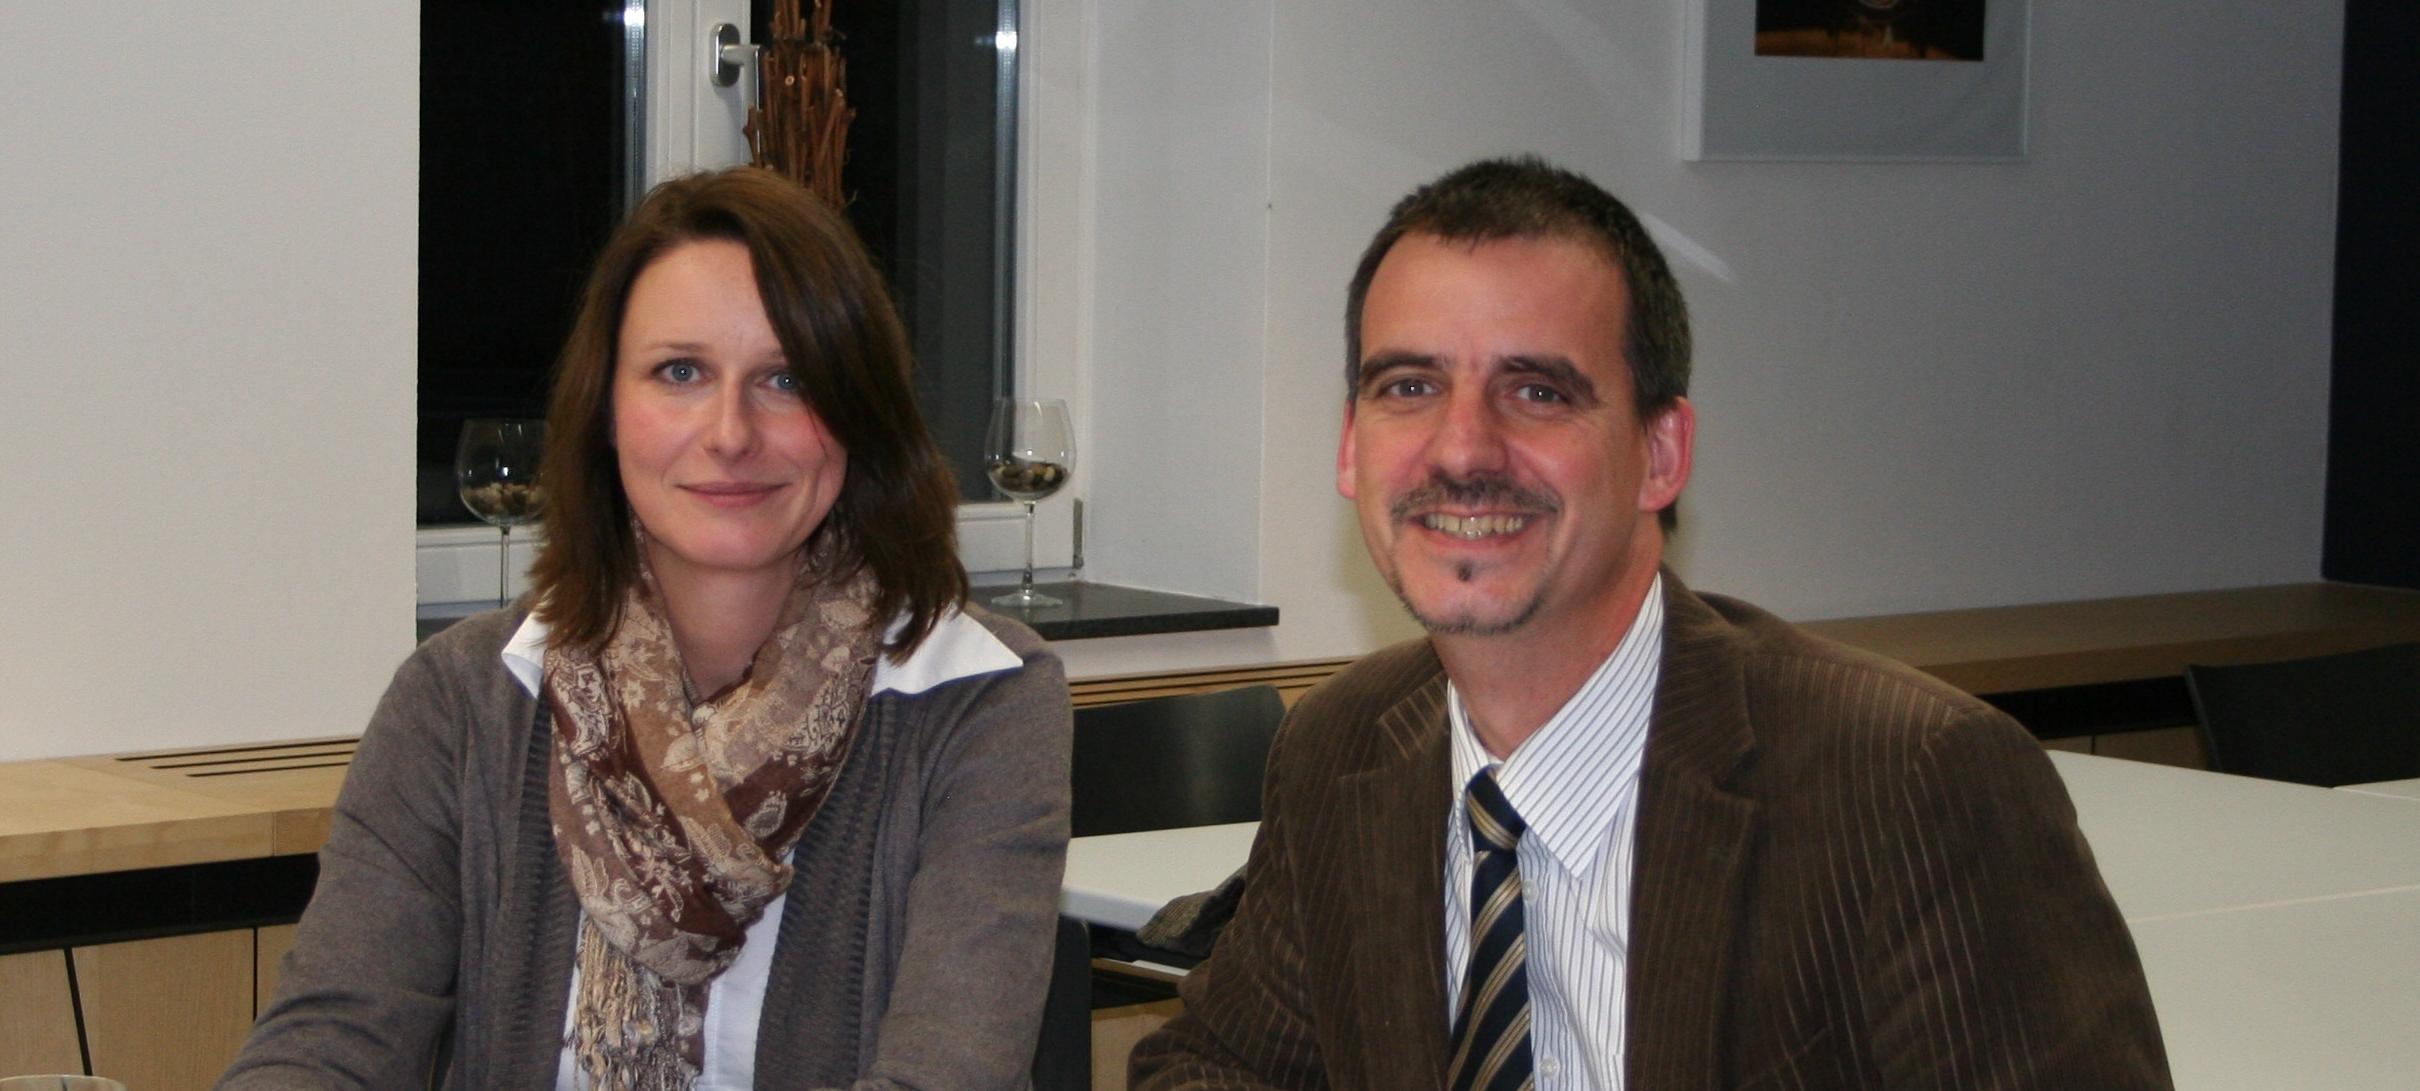 Birgit Ritter, Campus Geisenheim GmbH, Alexander A. Kohnen, International Wine Institute